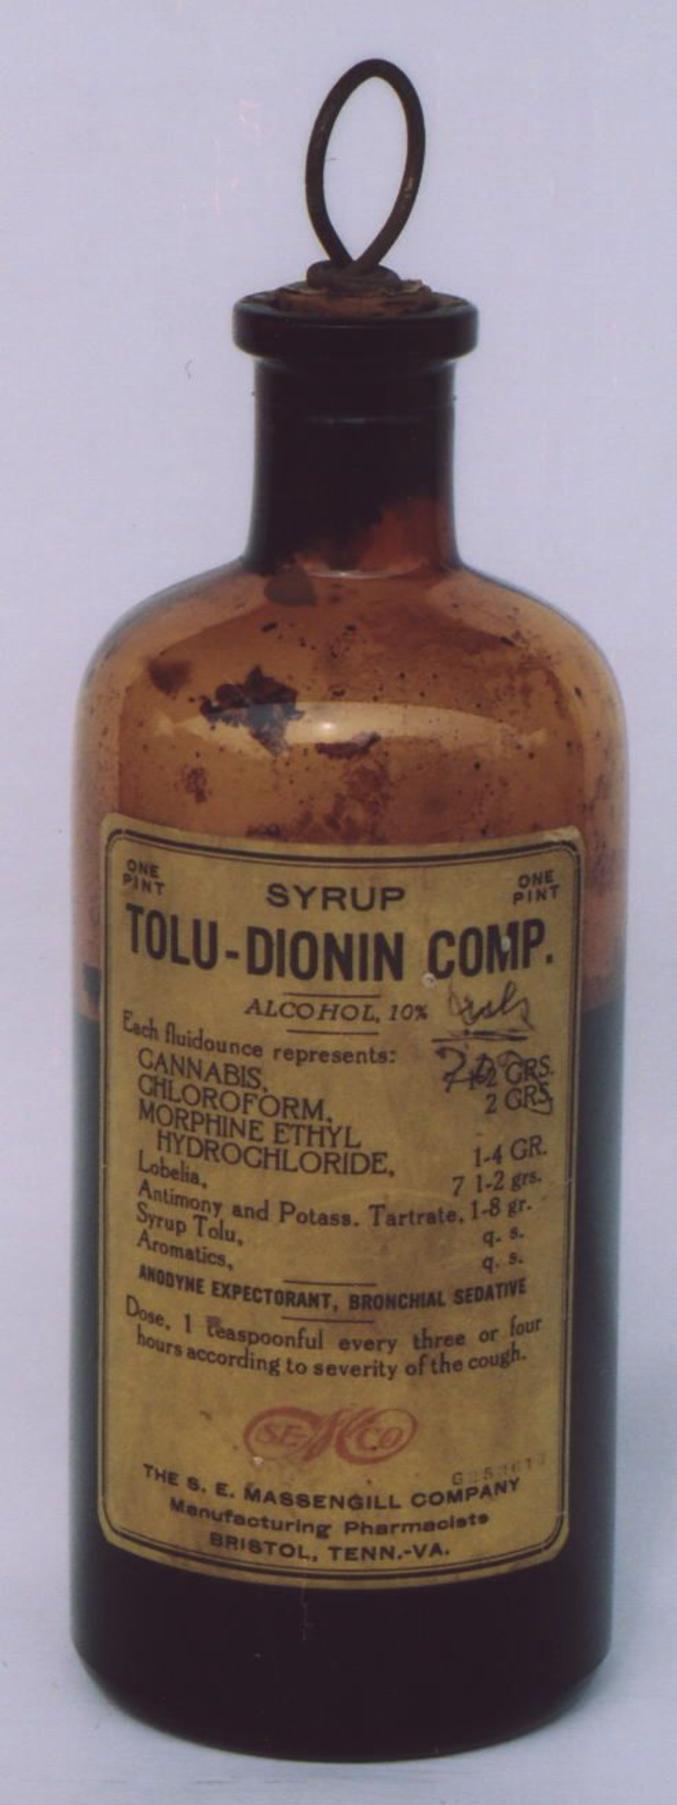 Une cuiller à thé toutes les trois ou quatre heures. Contient : 10% d'alcool, du cannabis, du chloroforme, de la morphine et de l'antimoine. Et puis quelques aromates pour faire passer le (la ?) tout.